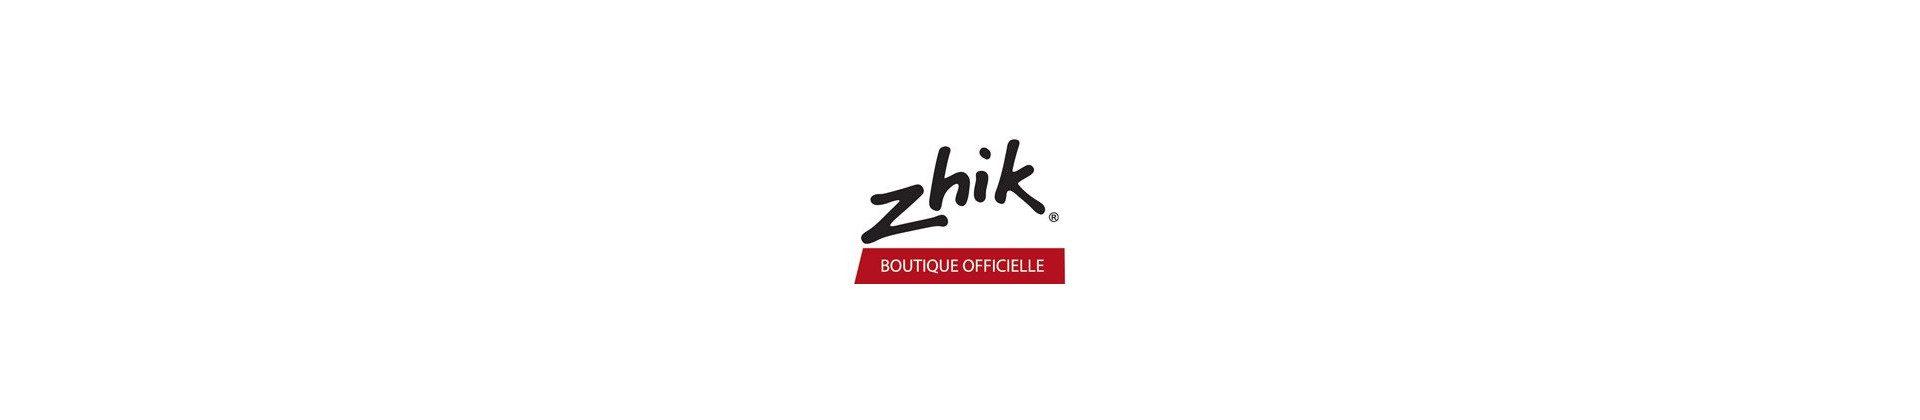 Zhik Shop